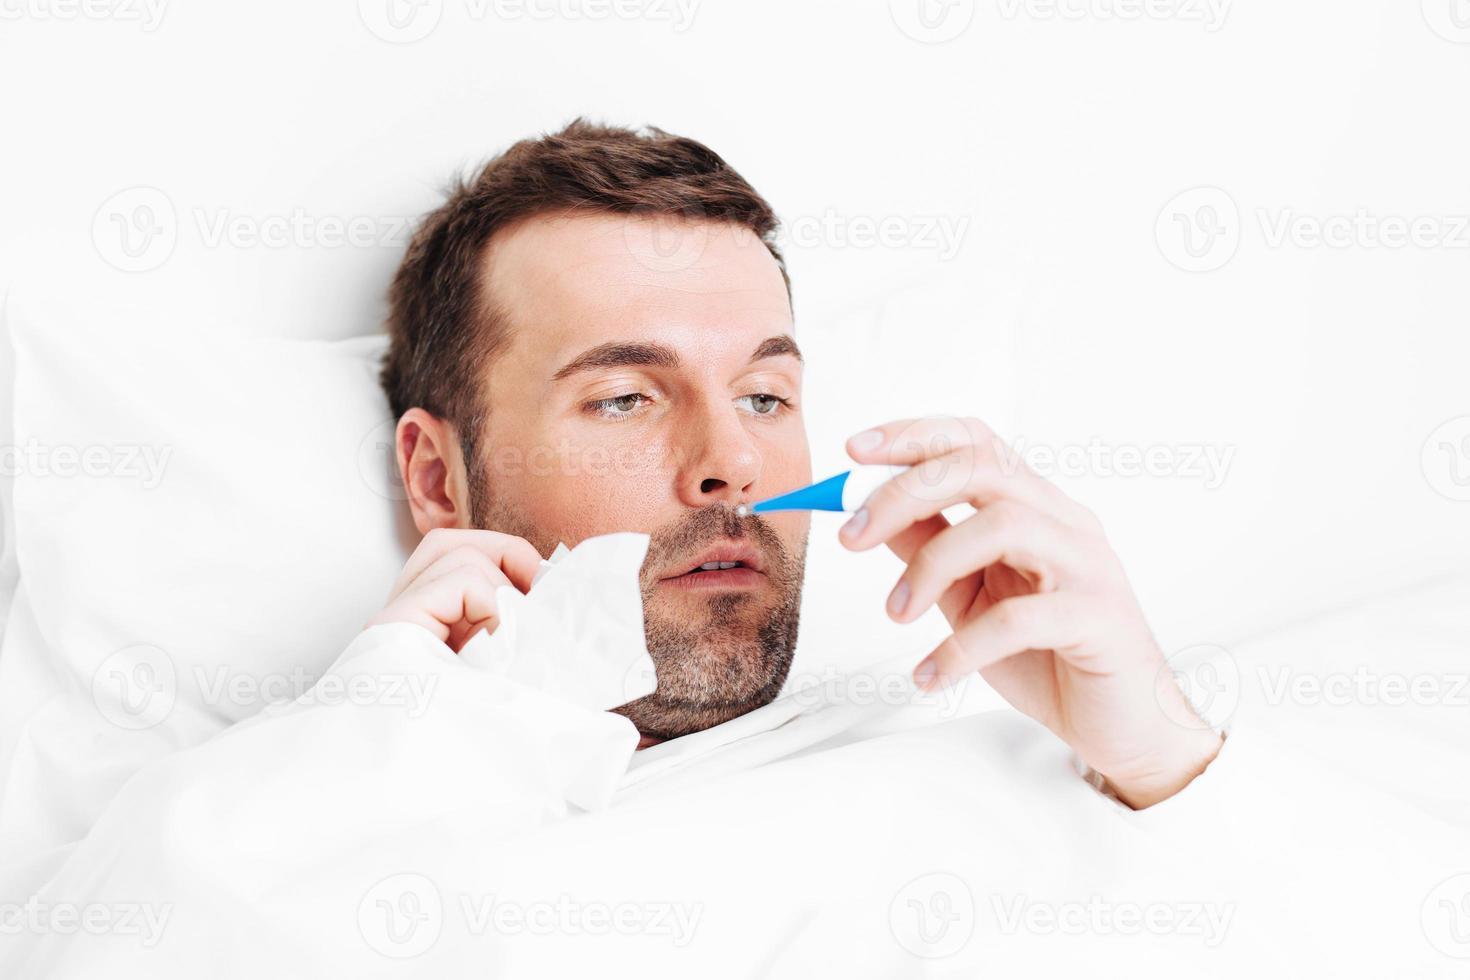 im Bett mit Grippe foto